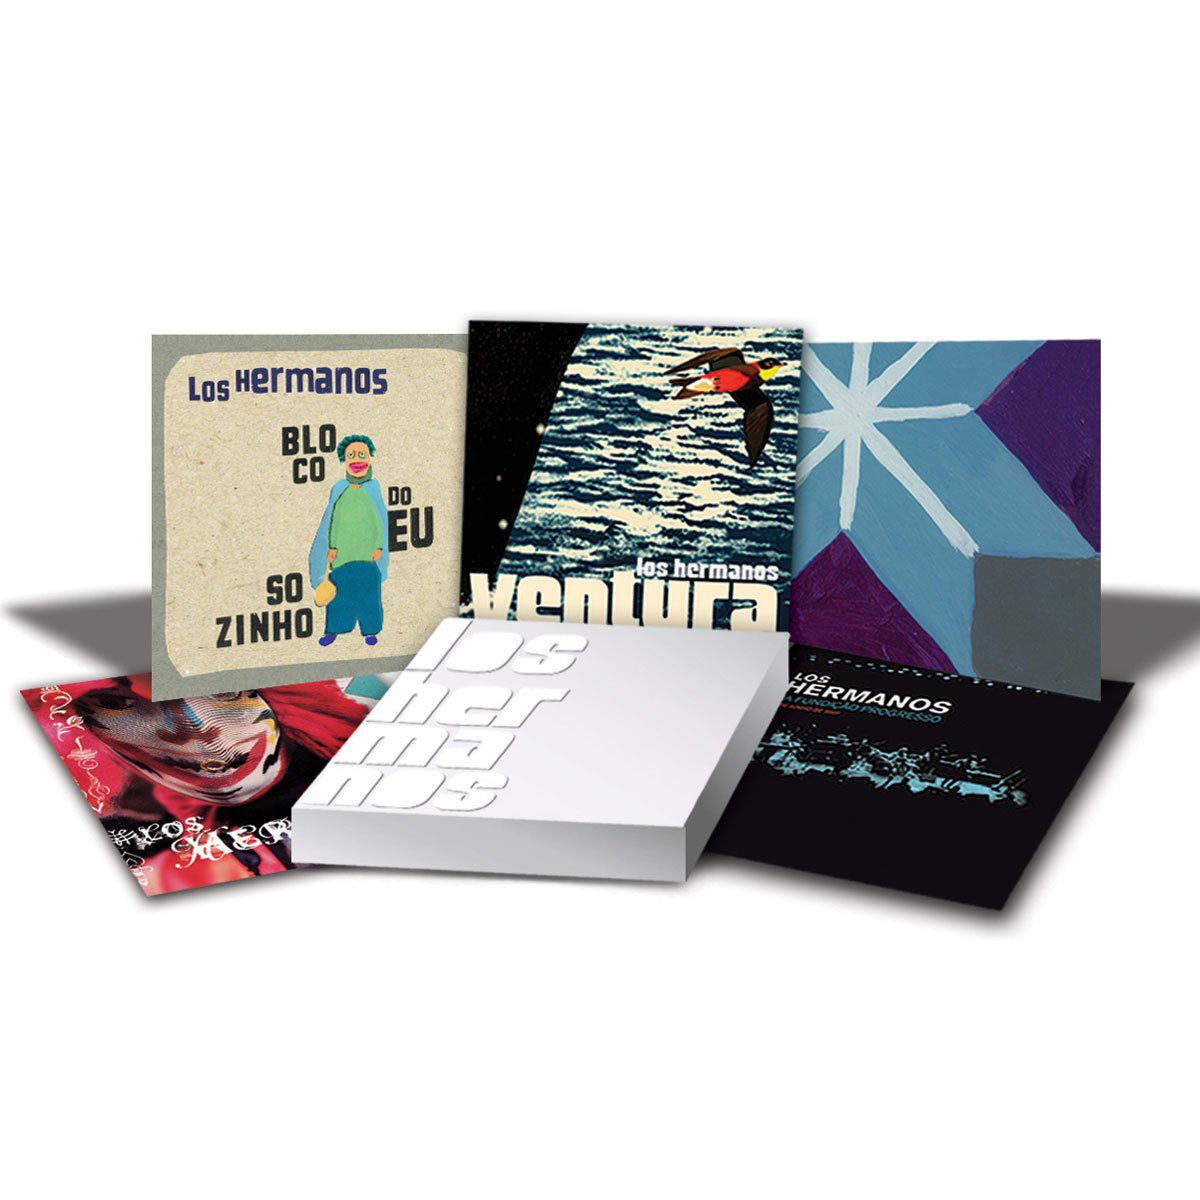 Caixa Deluxe Los Hermanos  - bandUP Store Marketplace